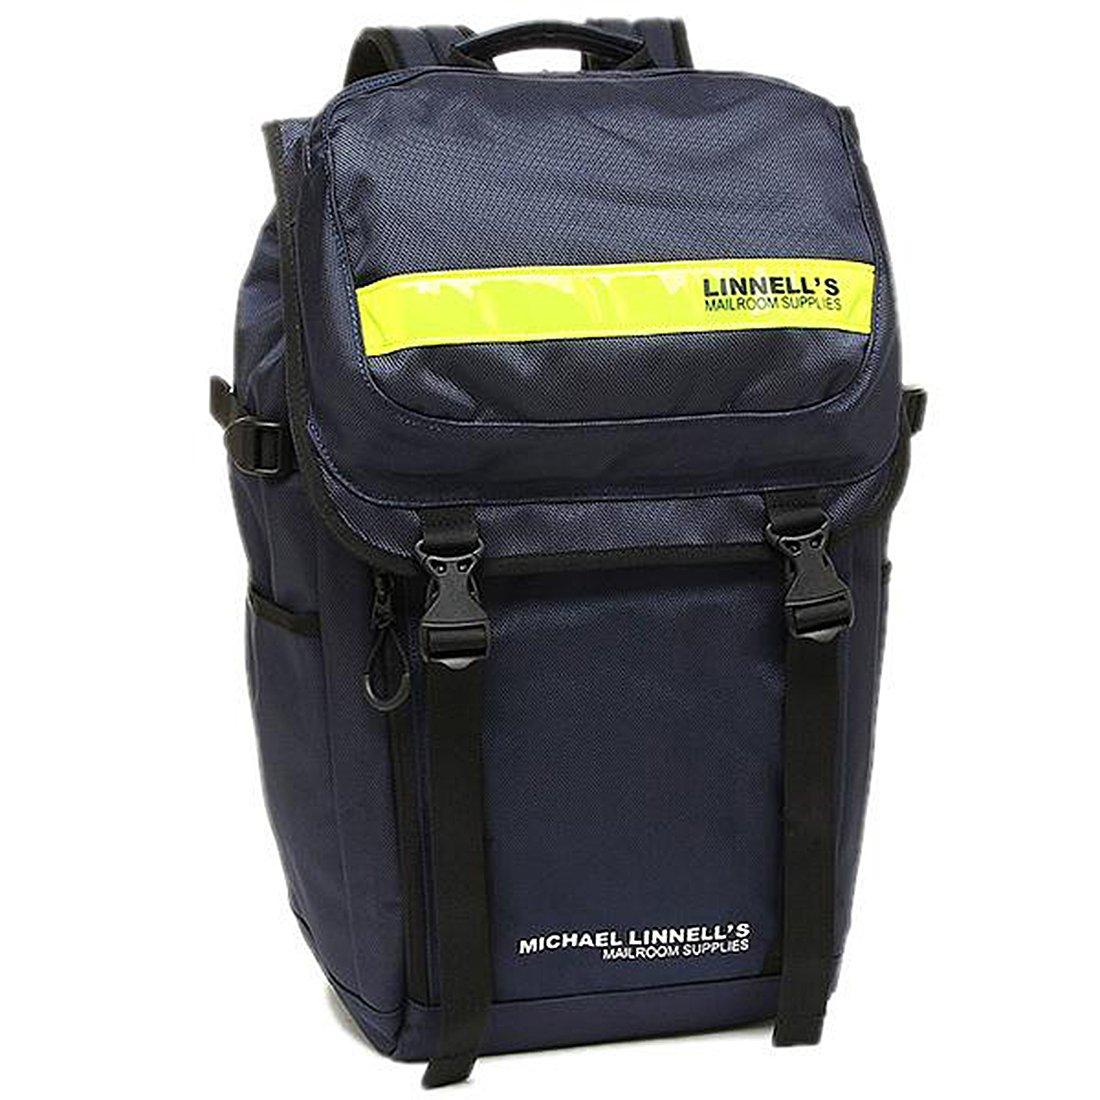 496257e0625f Amazon.co.jp: (マイケルリンネル) MICHAEL LINNELL MICHAEL LINNELL バッグ マイケルリンネル  ML-018 DOUBLE DECKER メンズ リュック・バックパック NAVY/YELLOW ...